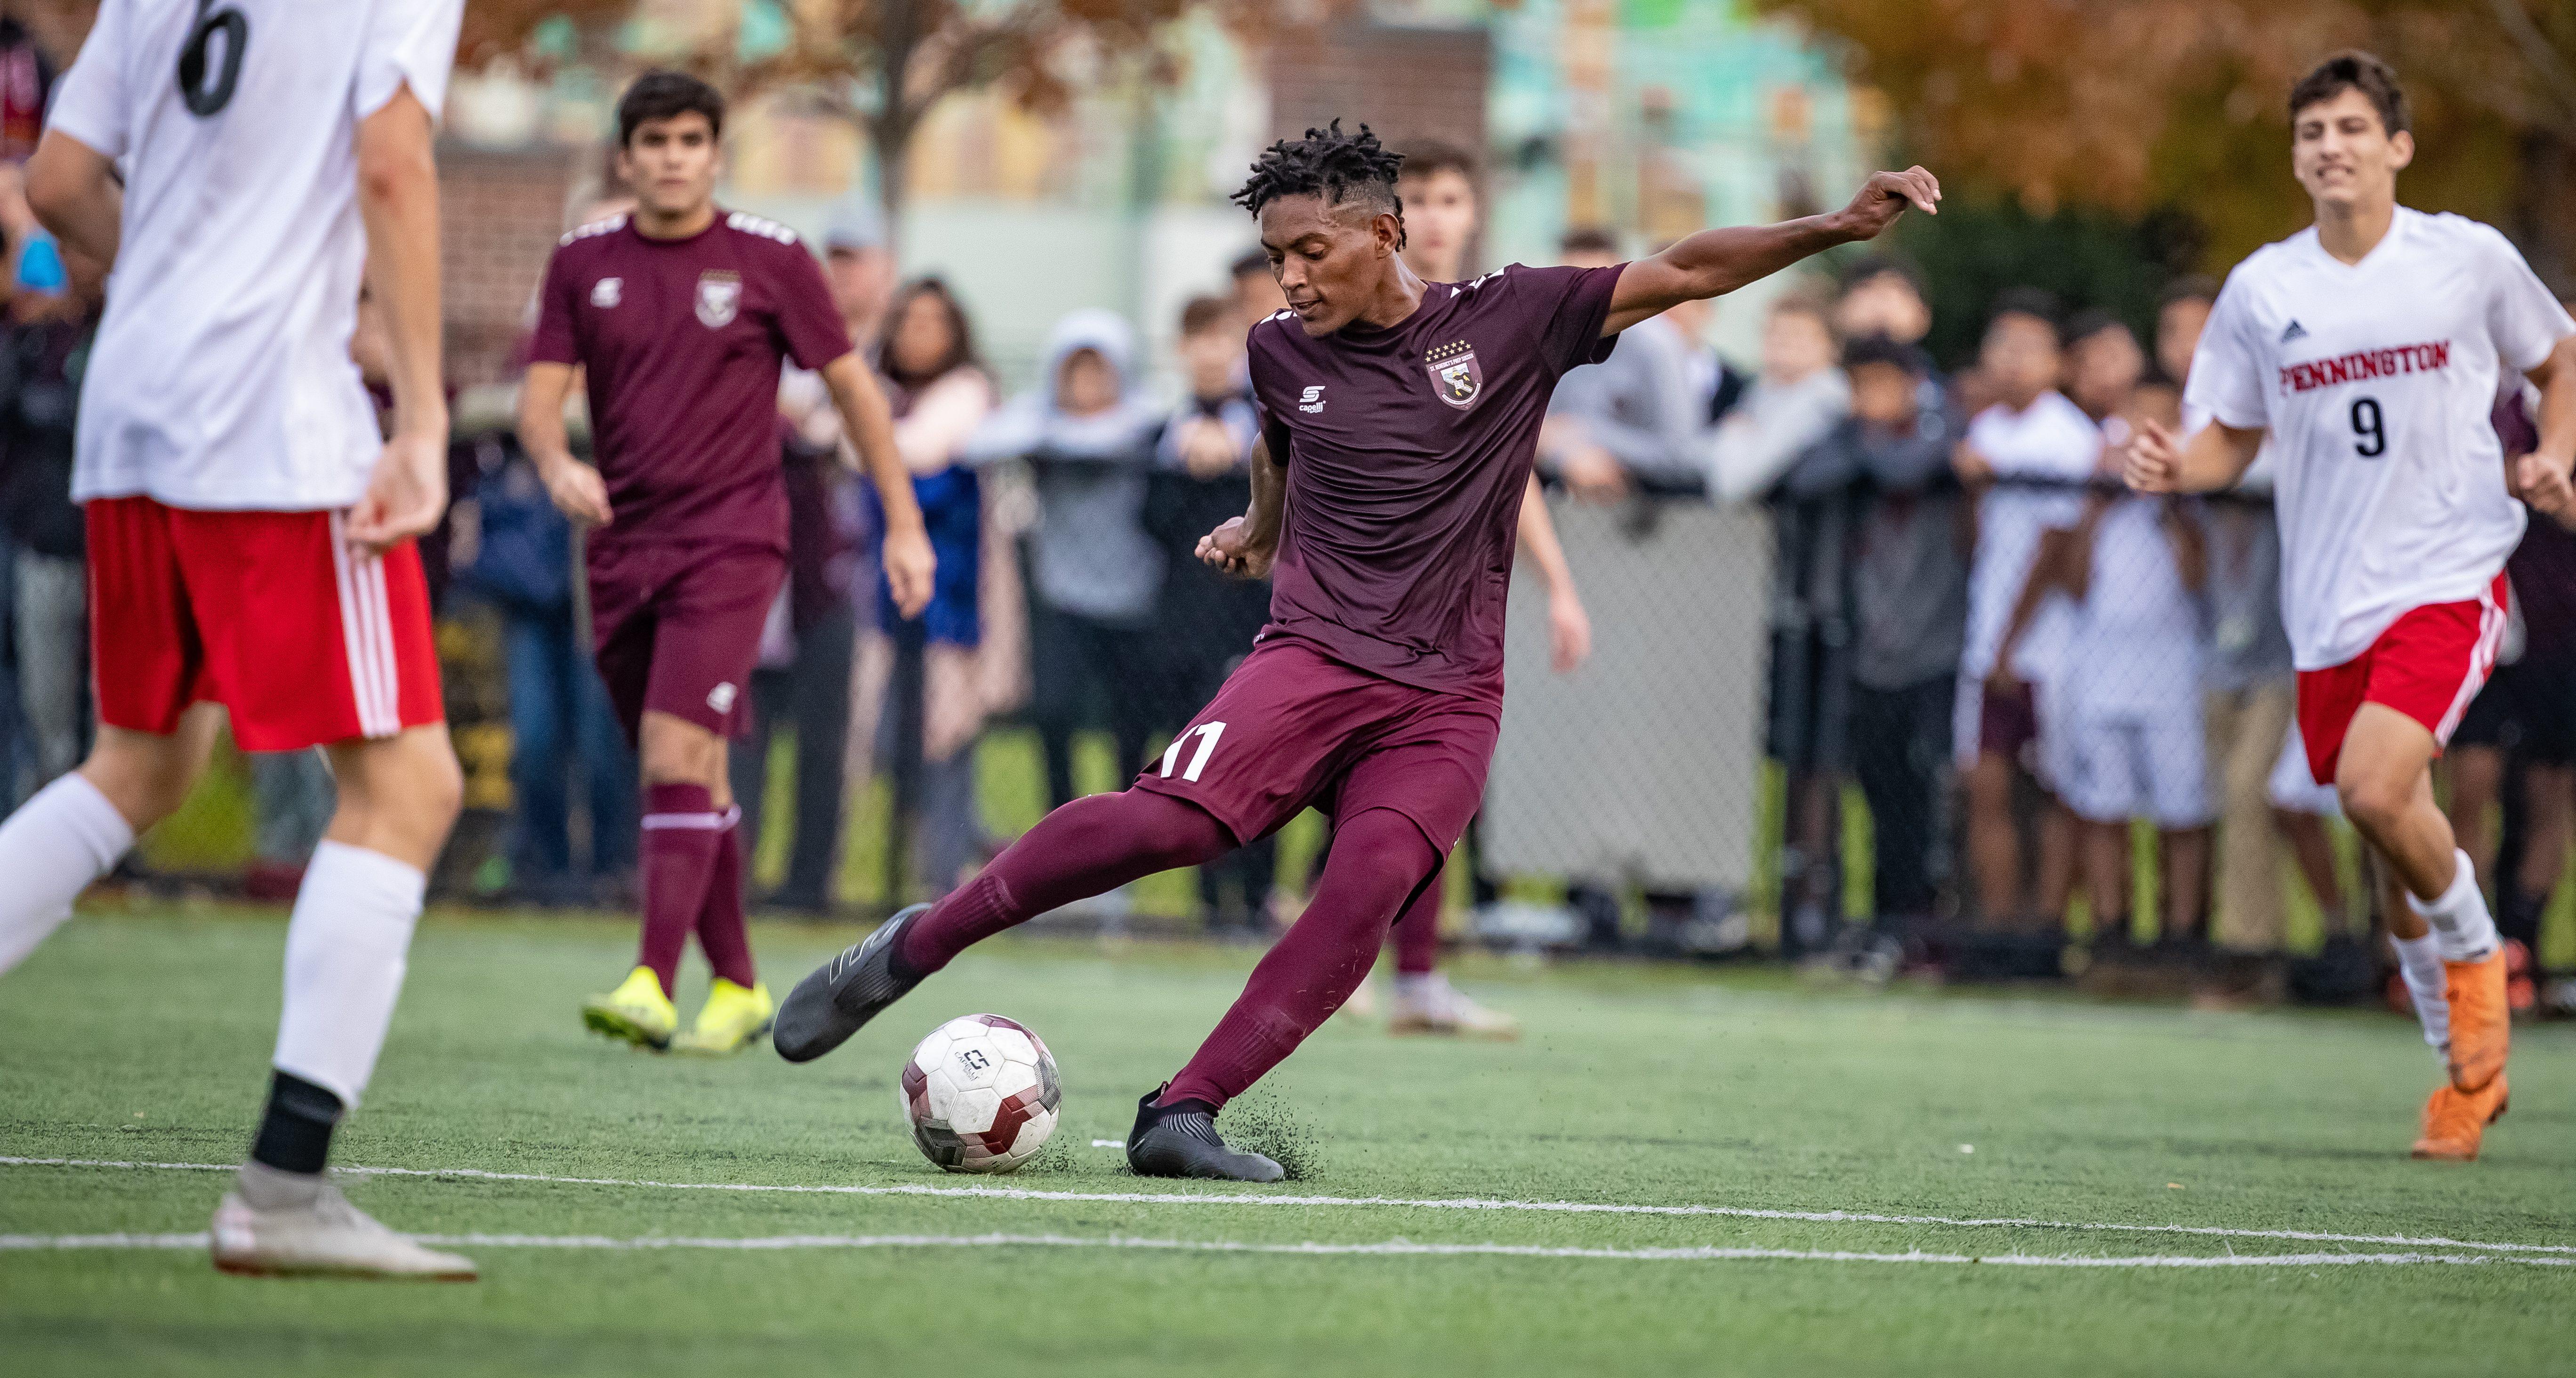 2019 ALL-USA Preseason High School Boys Soccer Team announced